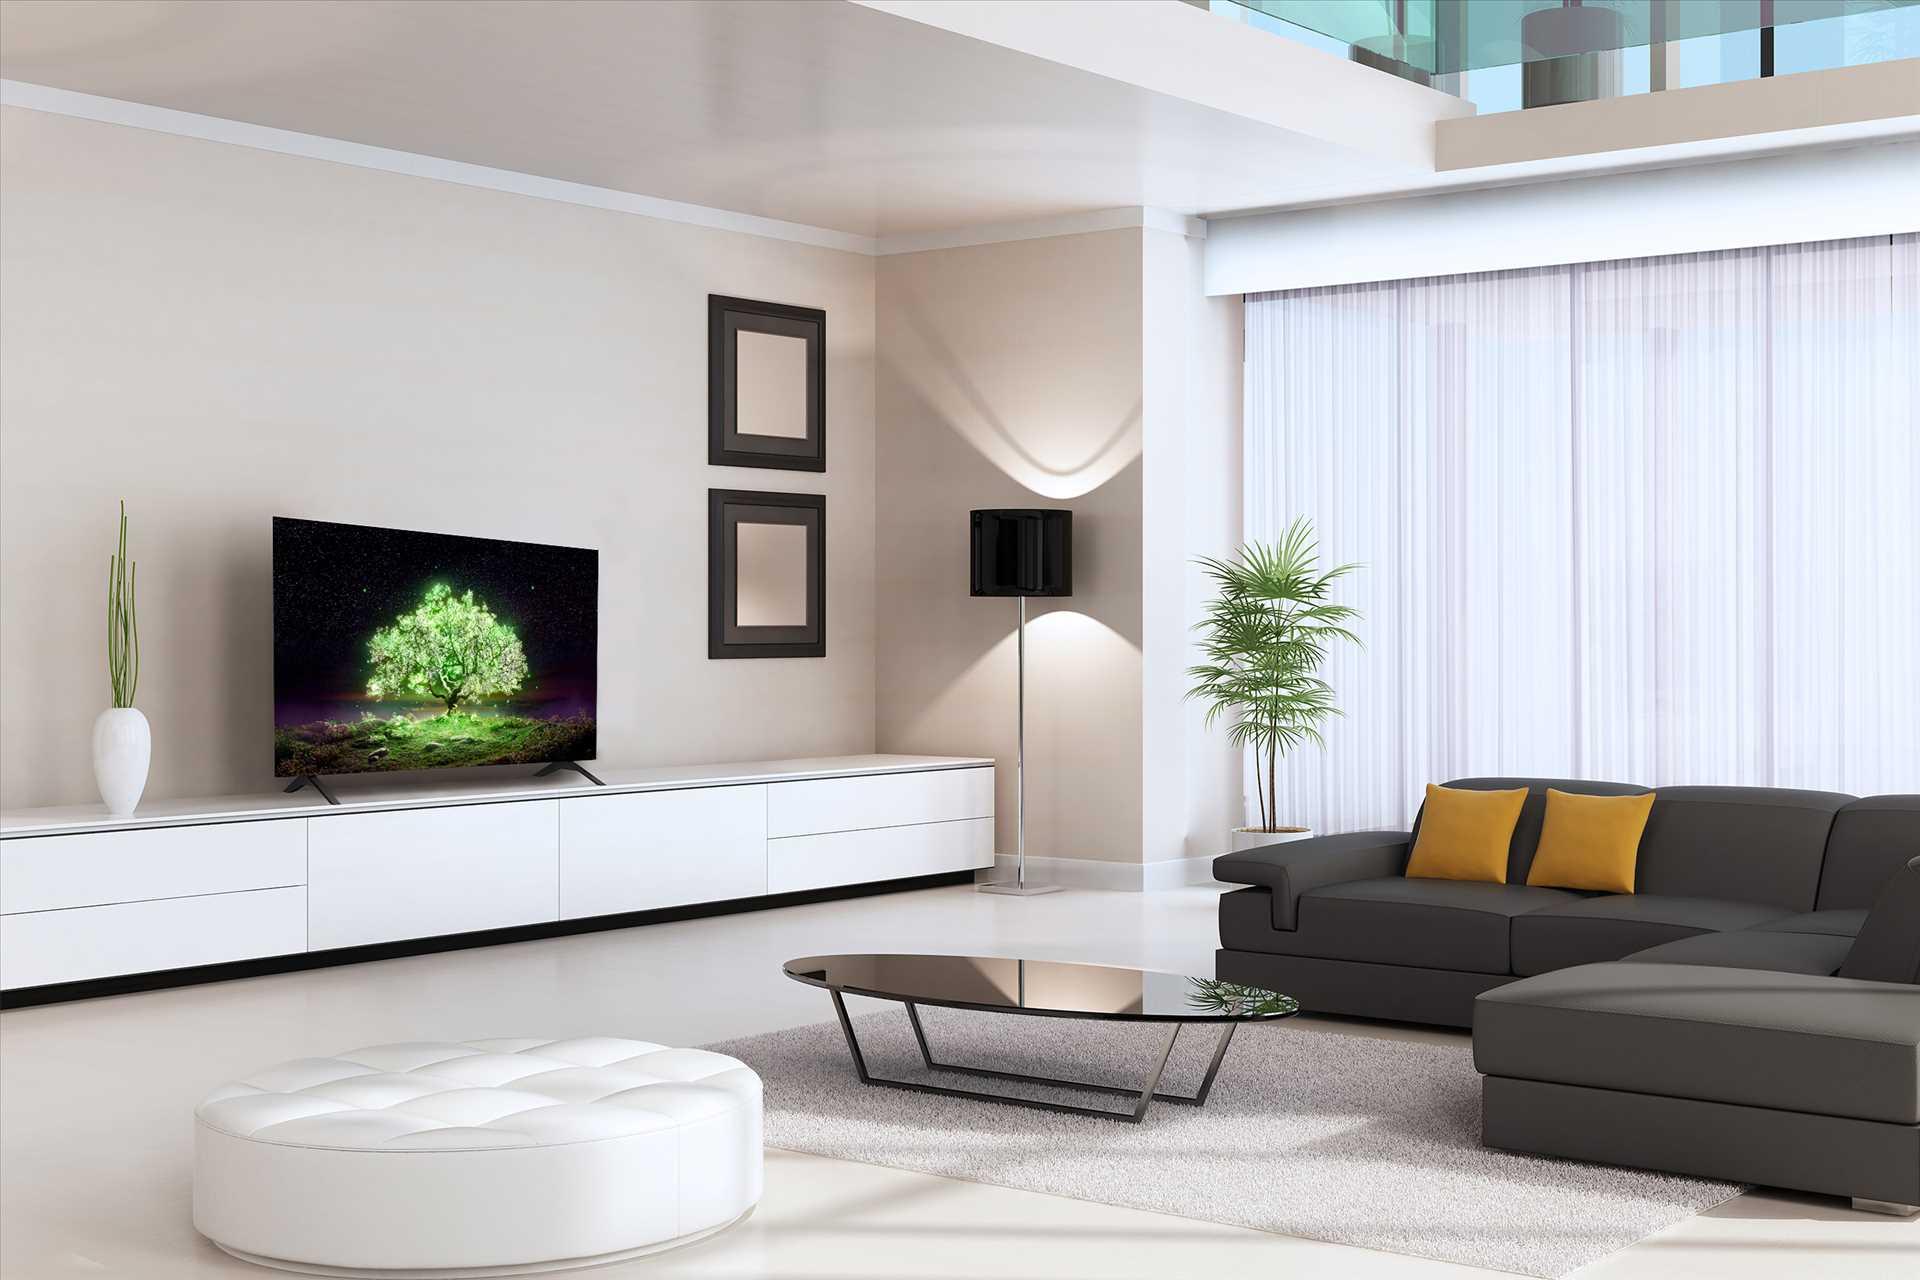 טלוויזיה 65 אינץ' דגם OLED 65A16LA/PVA  בטכנולוגיית LG OLED 4K Ultra HD אל ג'י - תמונה 11